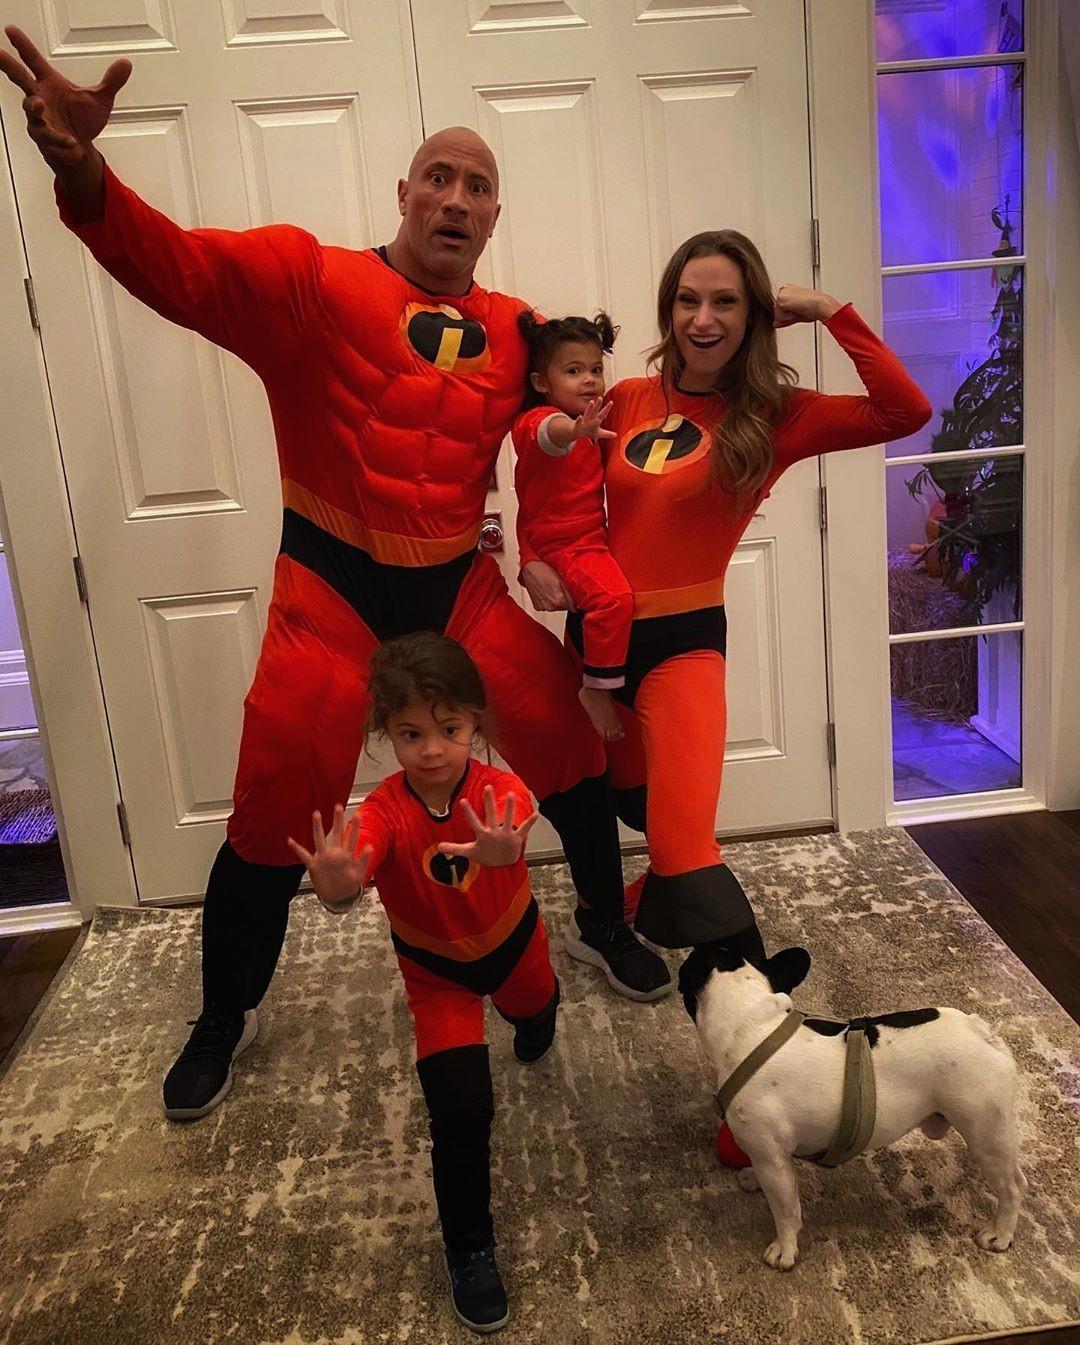 Dwayne Johnson com sua esposa, Lauren Hashian, e as duas filhas deles: Jasmine e Tiana (Foto: Reprodução / Instagram)